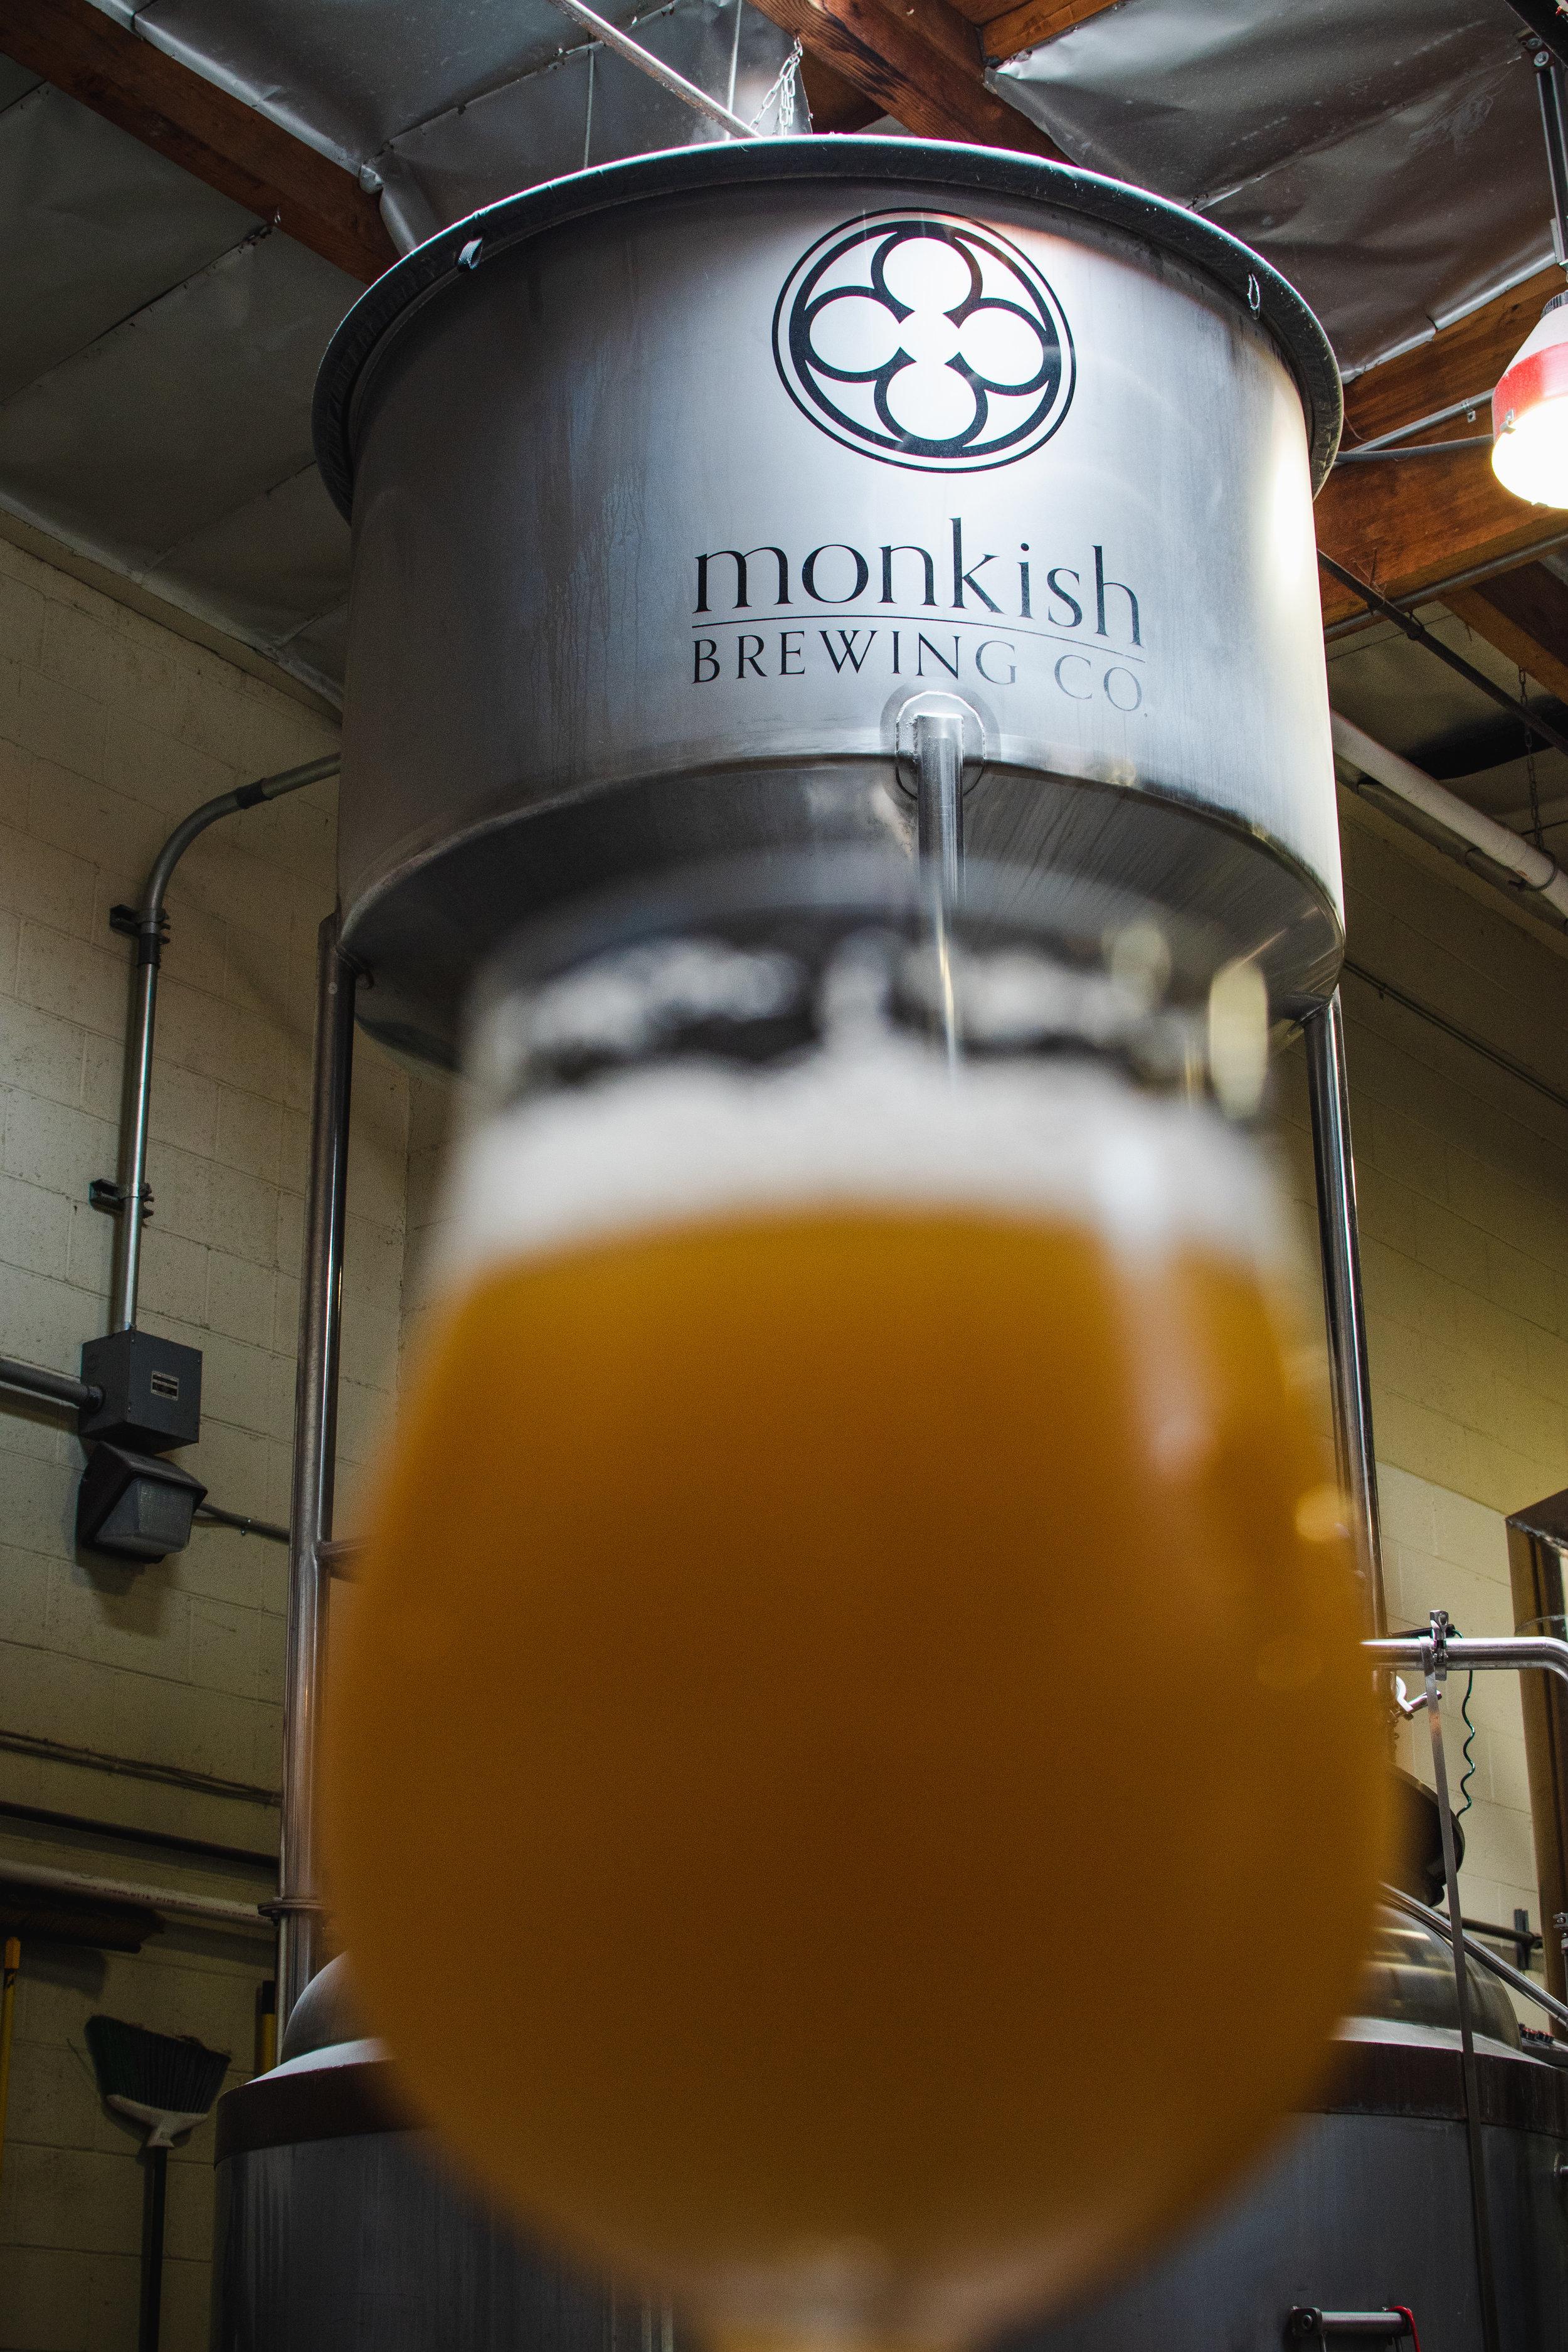 monkish 3.jpg